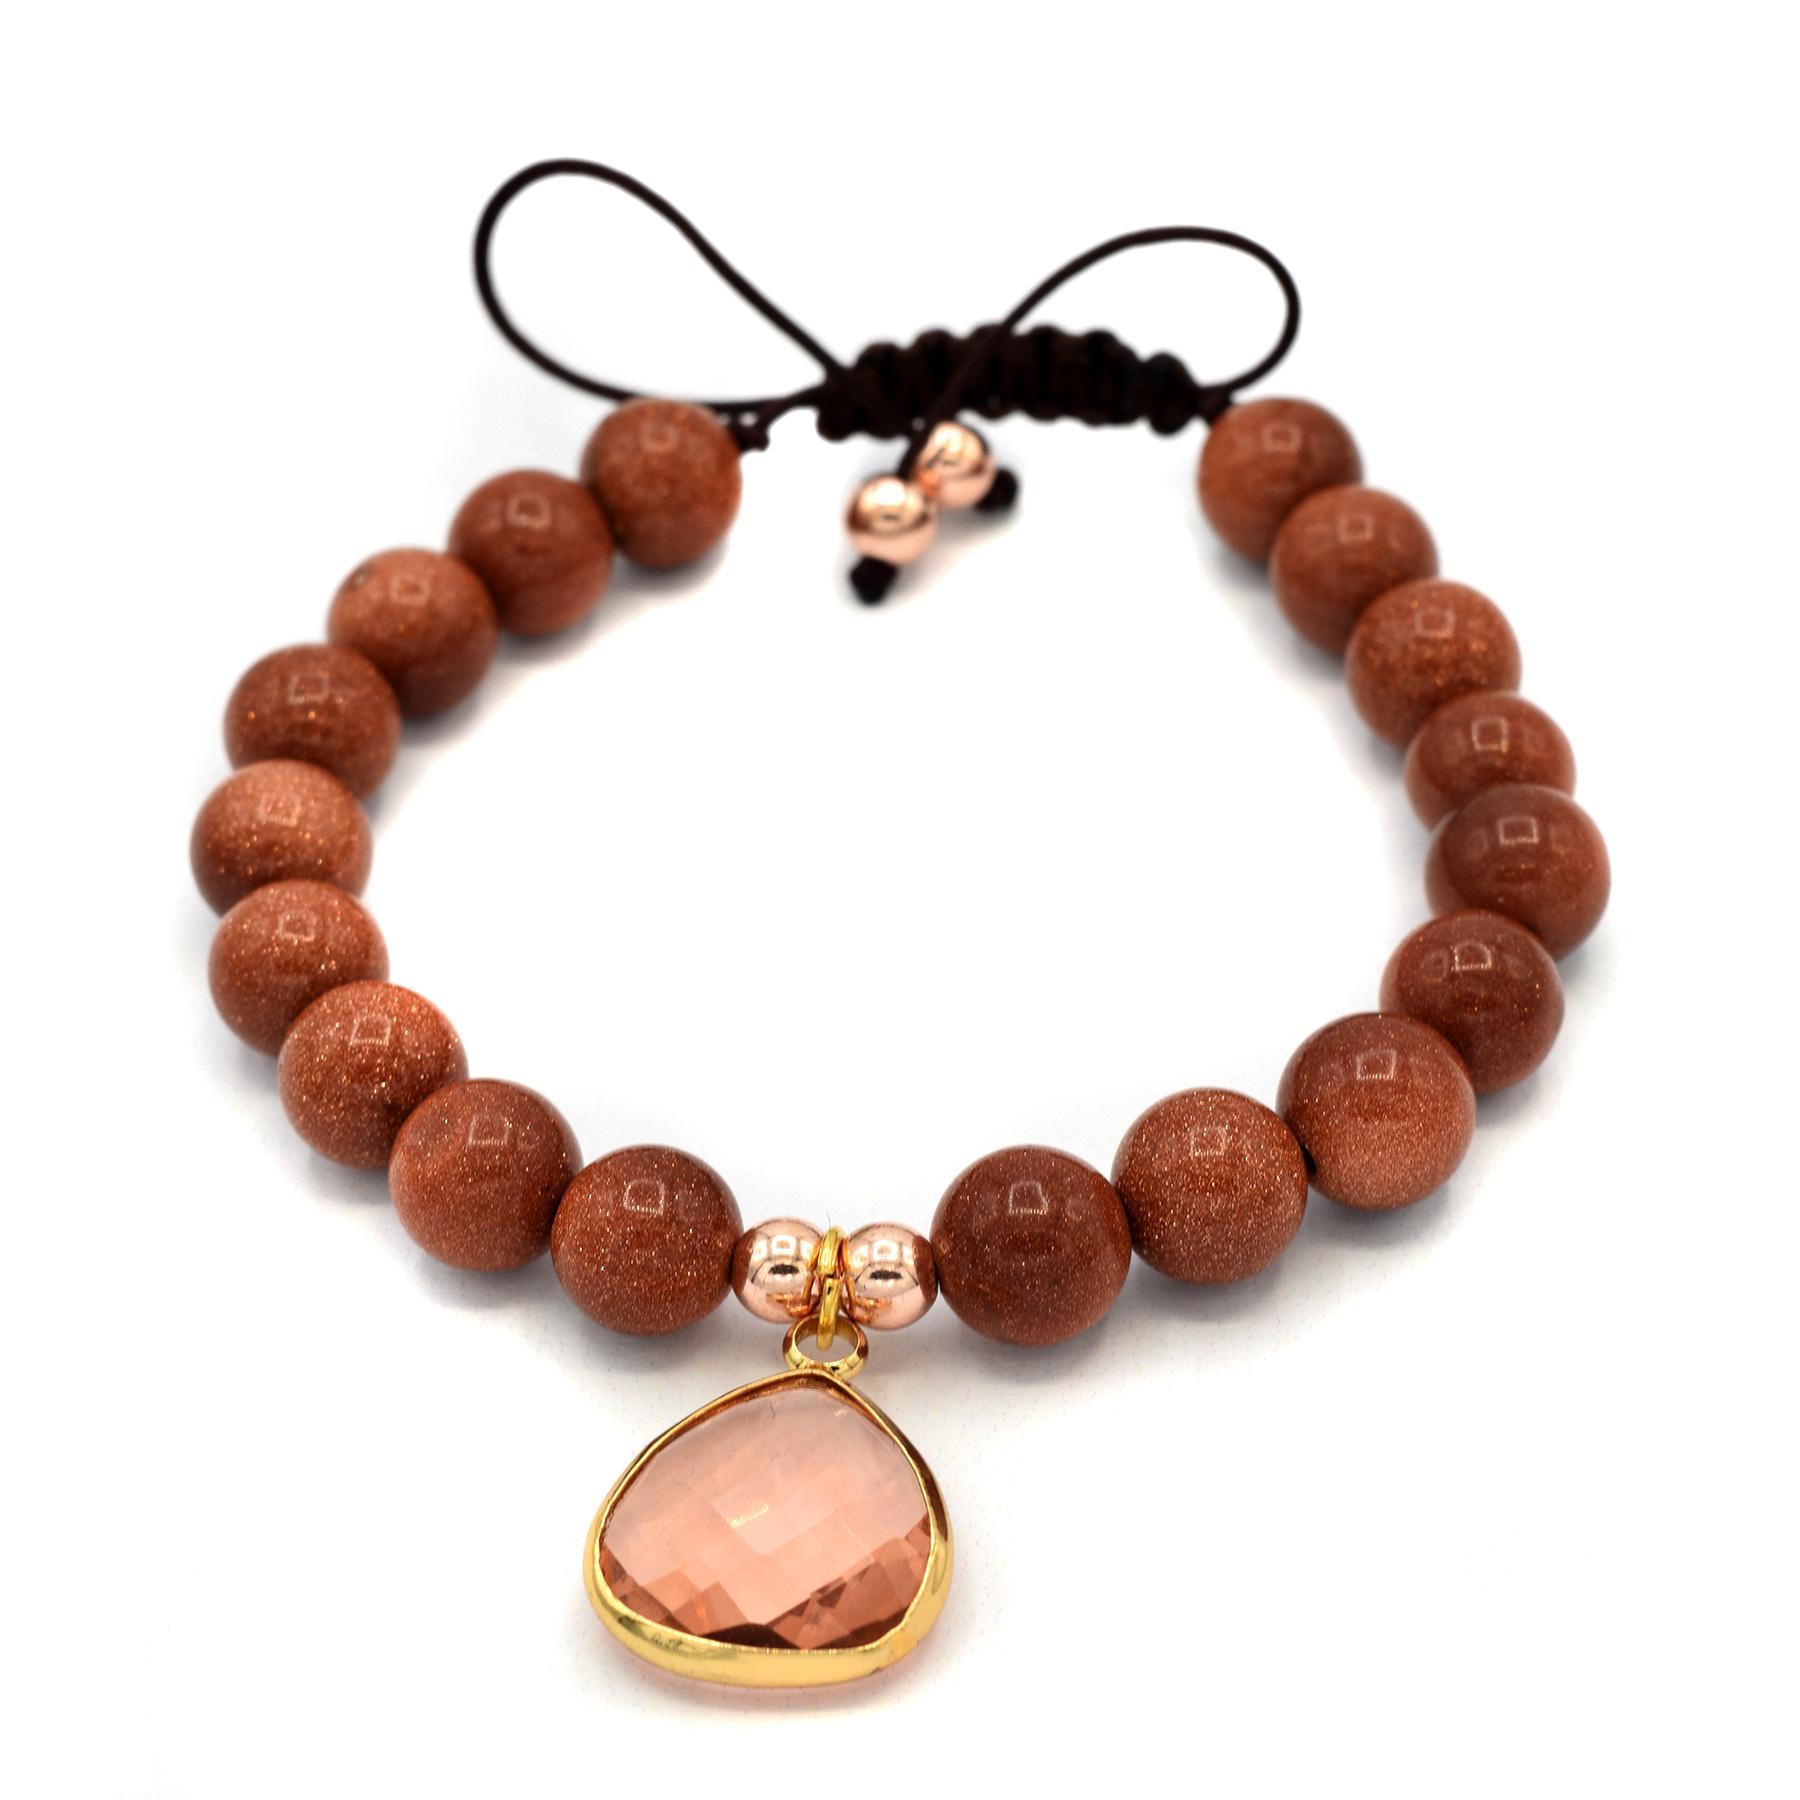 دستبند اسپرت دخترانه سنگ دلربا za-n126 از نمای نزدیک